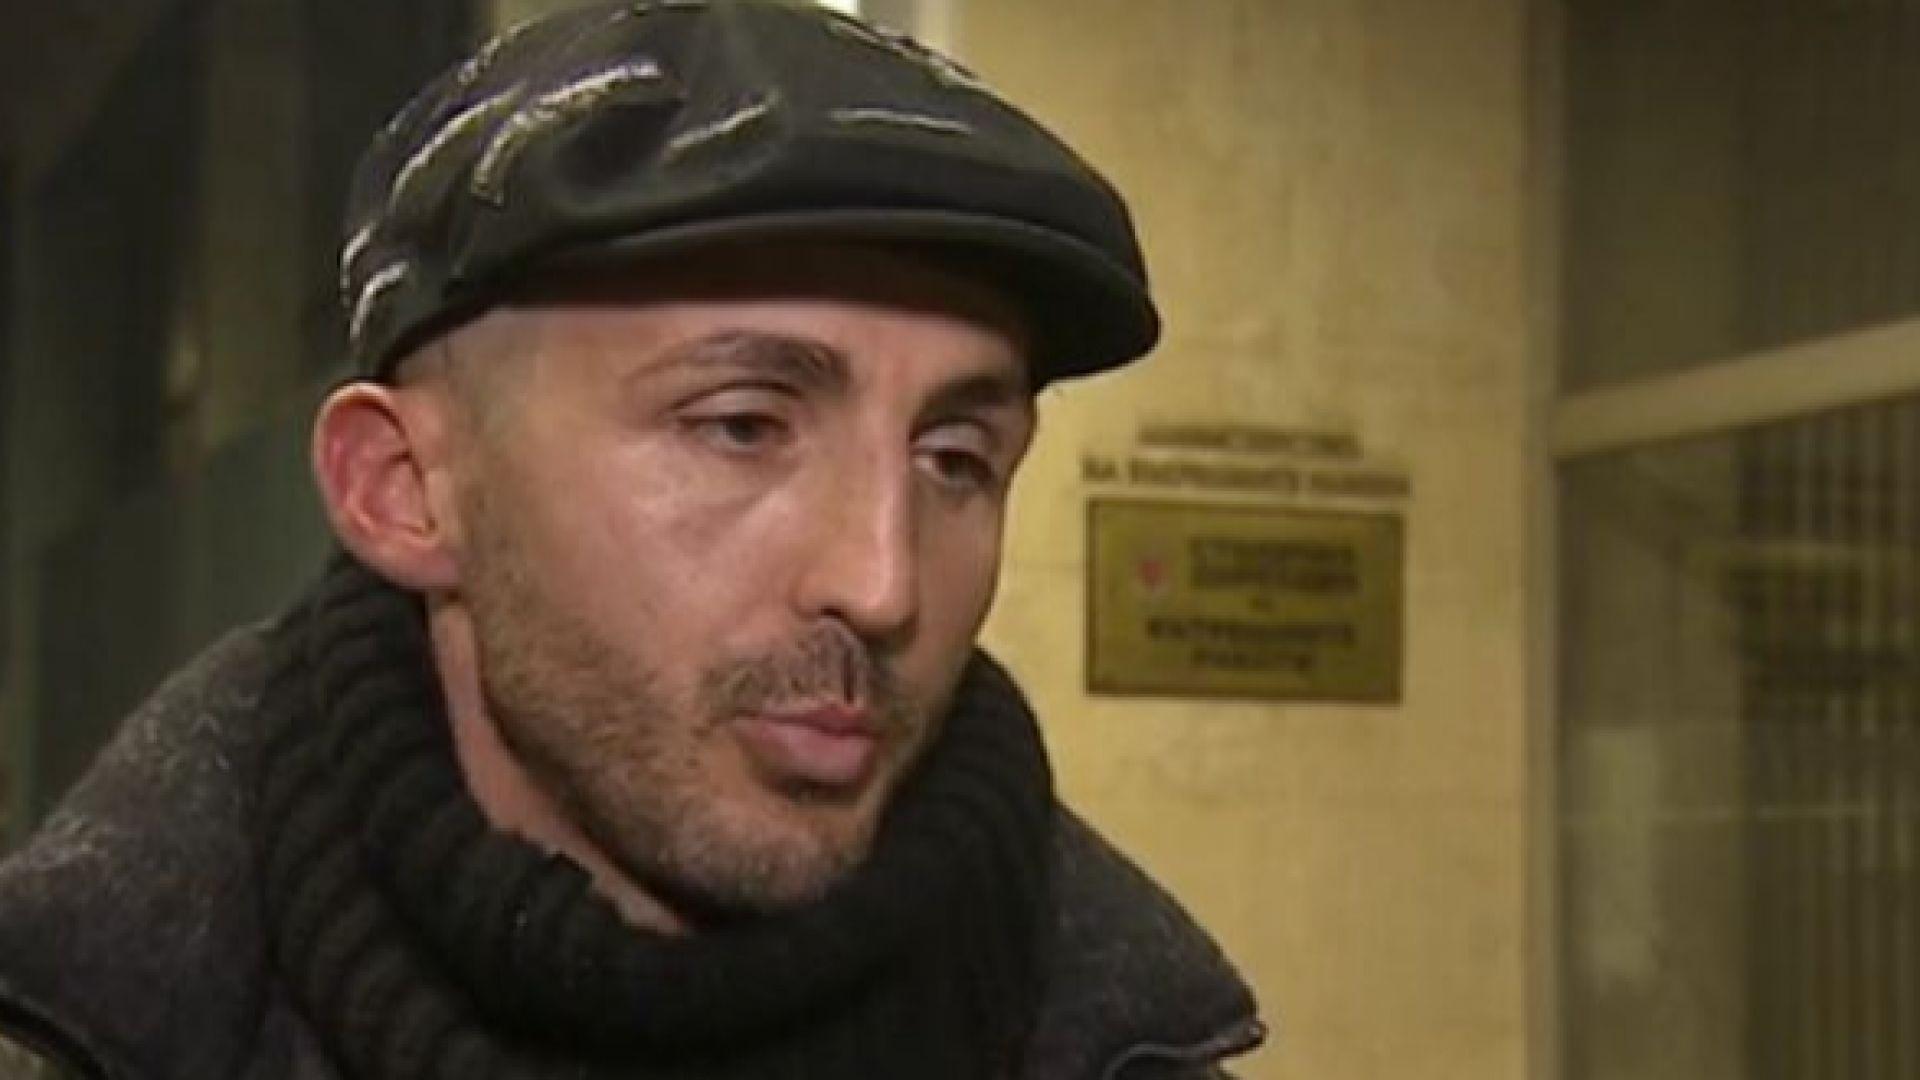 Адвокатът на Стайко Стайков: Не е редно, когато човек се страхува, да тича до полиции